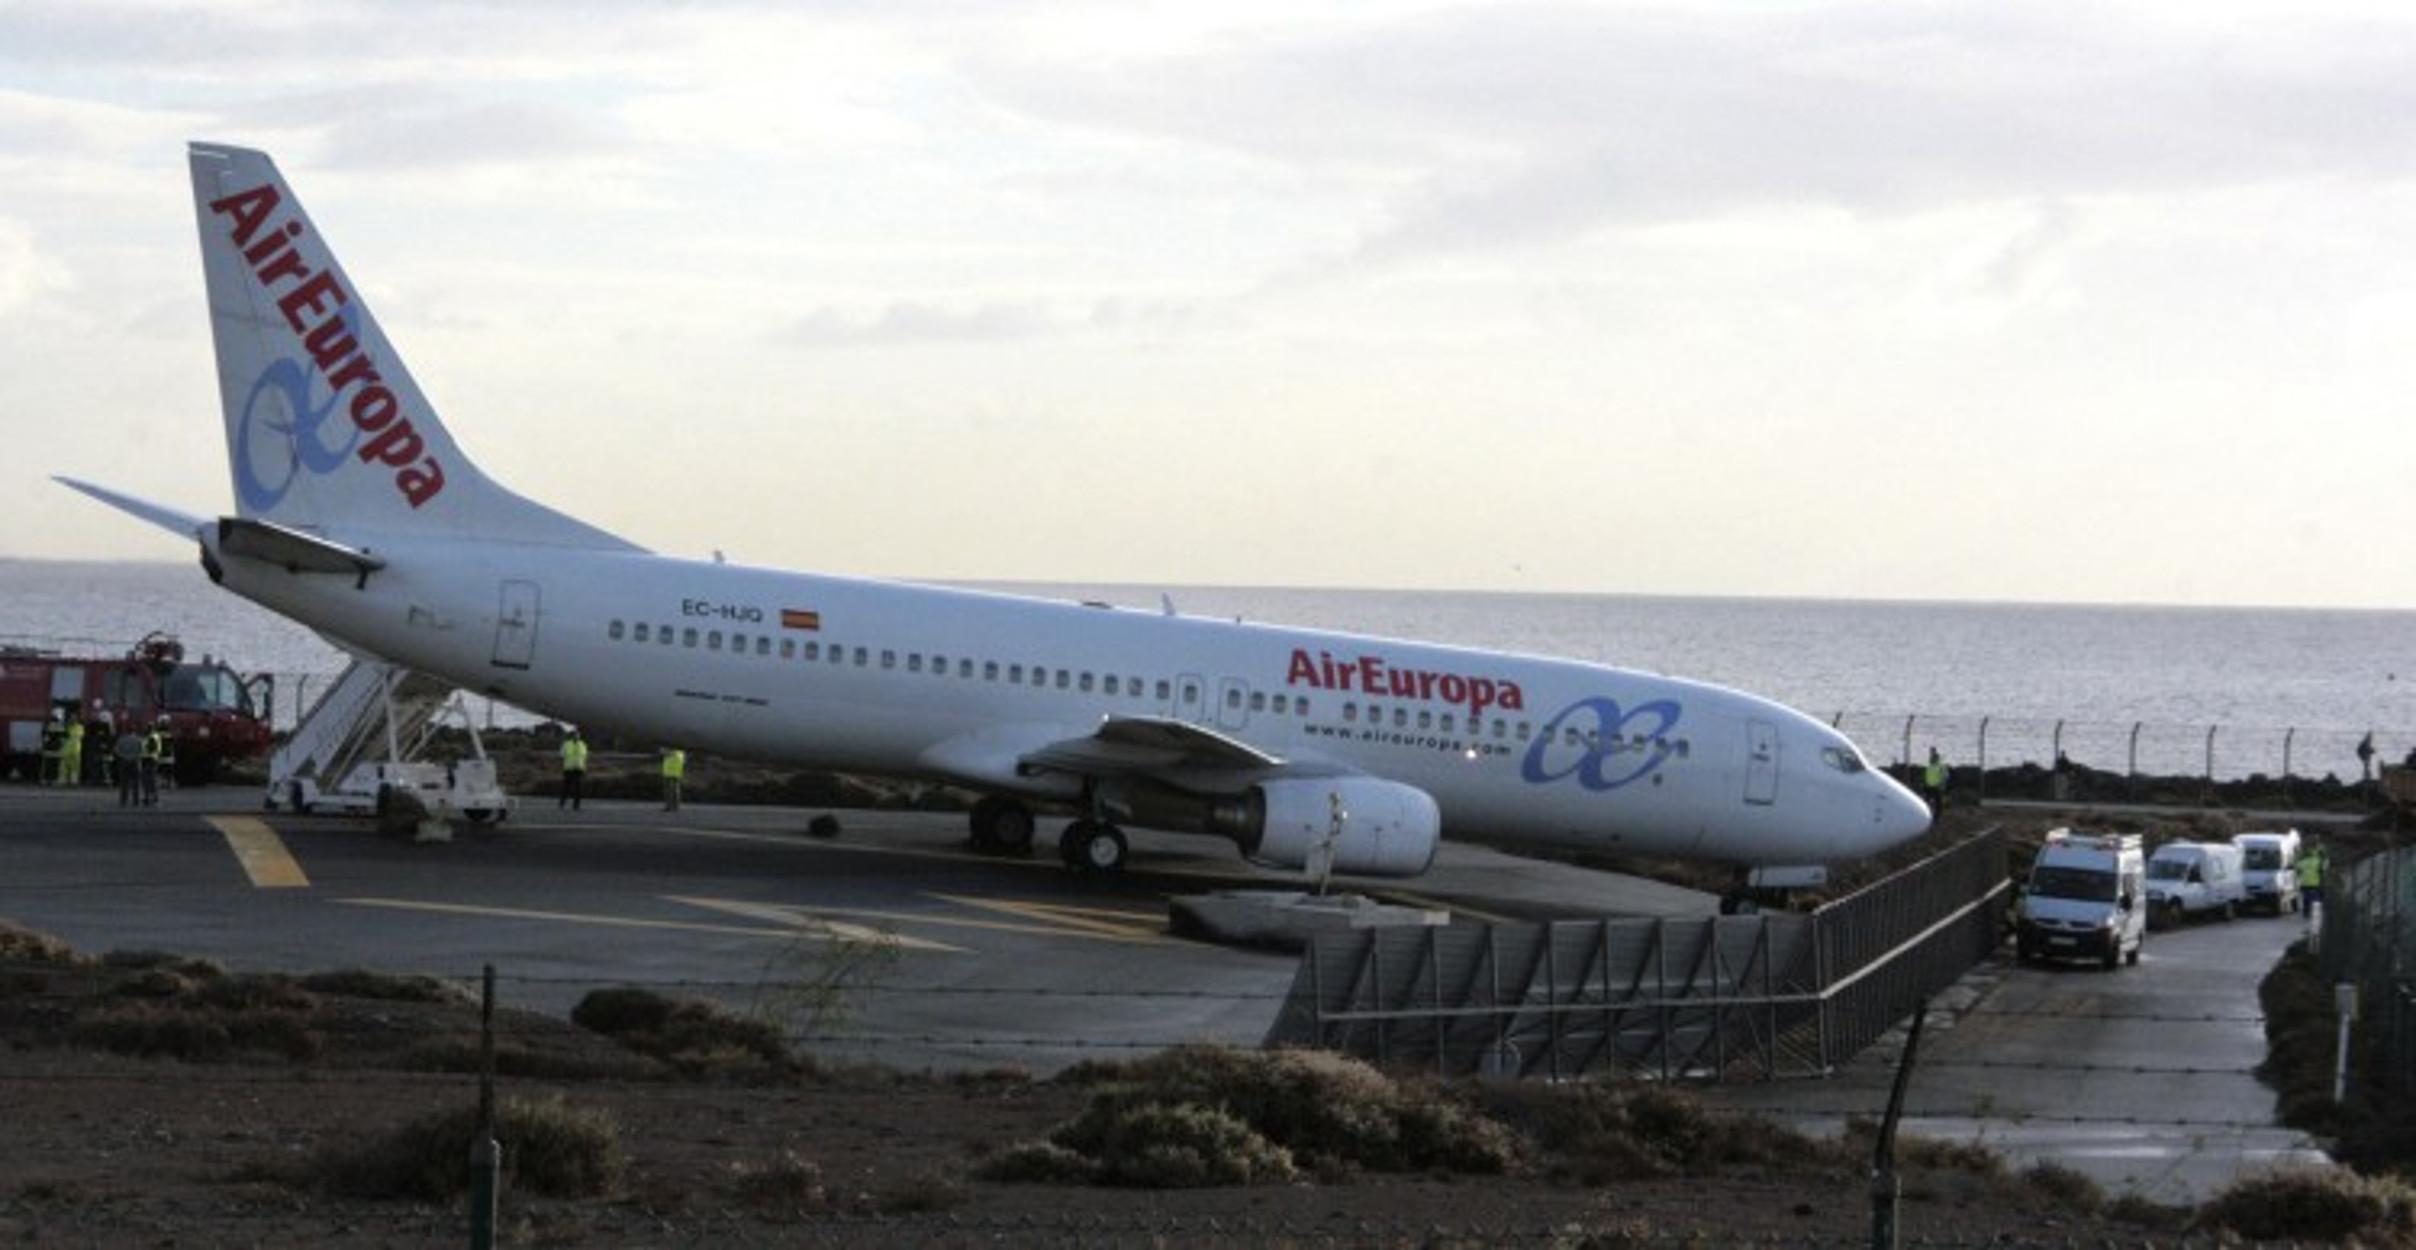 """Εκουαδόρ: Παρουσιάστηκε βλάβη στο αεροπλάνο, και τους αποβίβασαν στην """"Γουχάν"""" της Λατινικής Αμερικής!"""